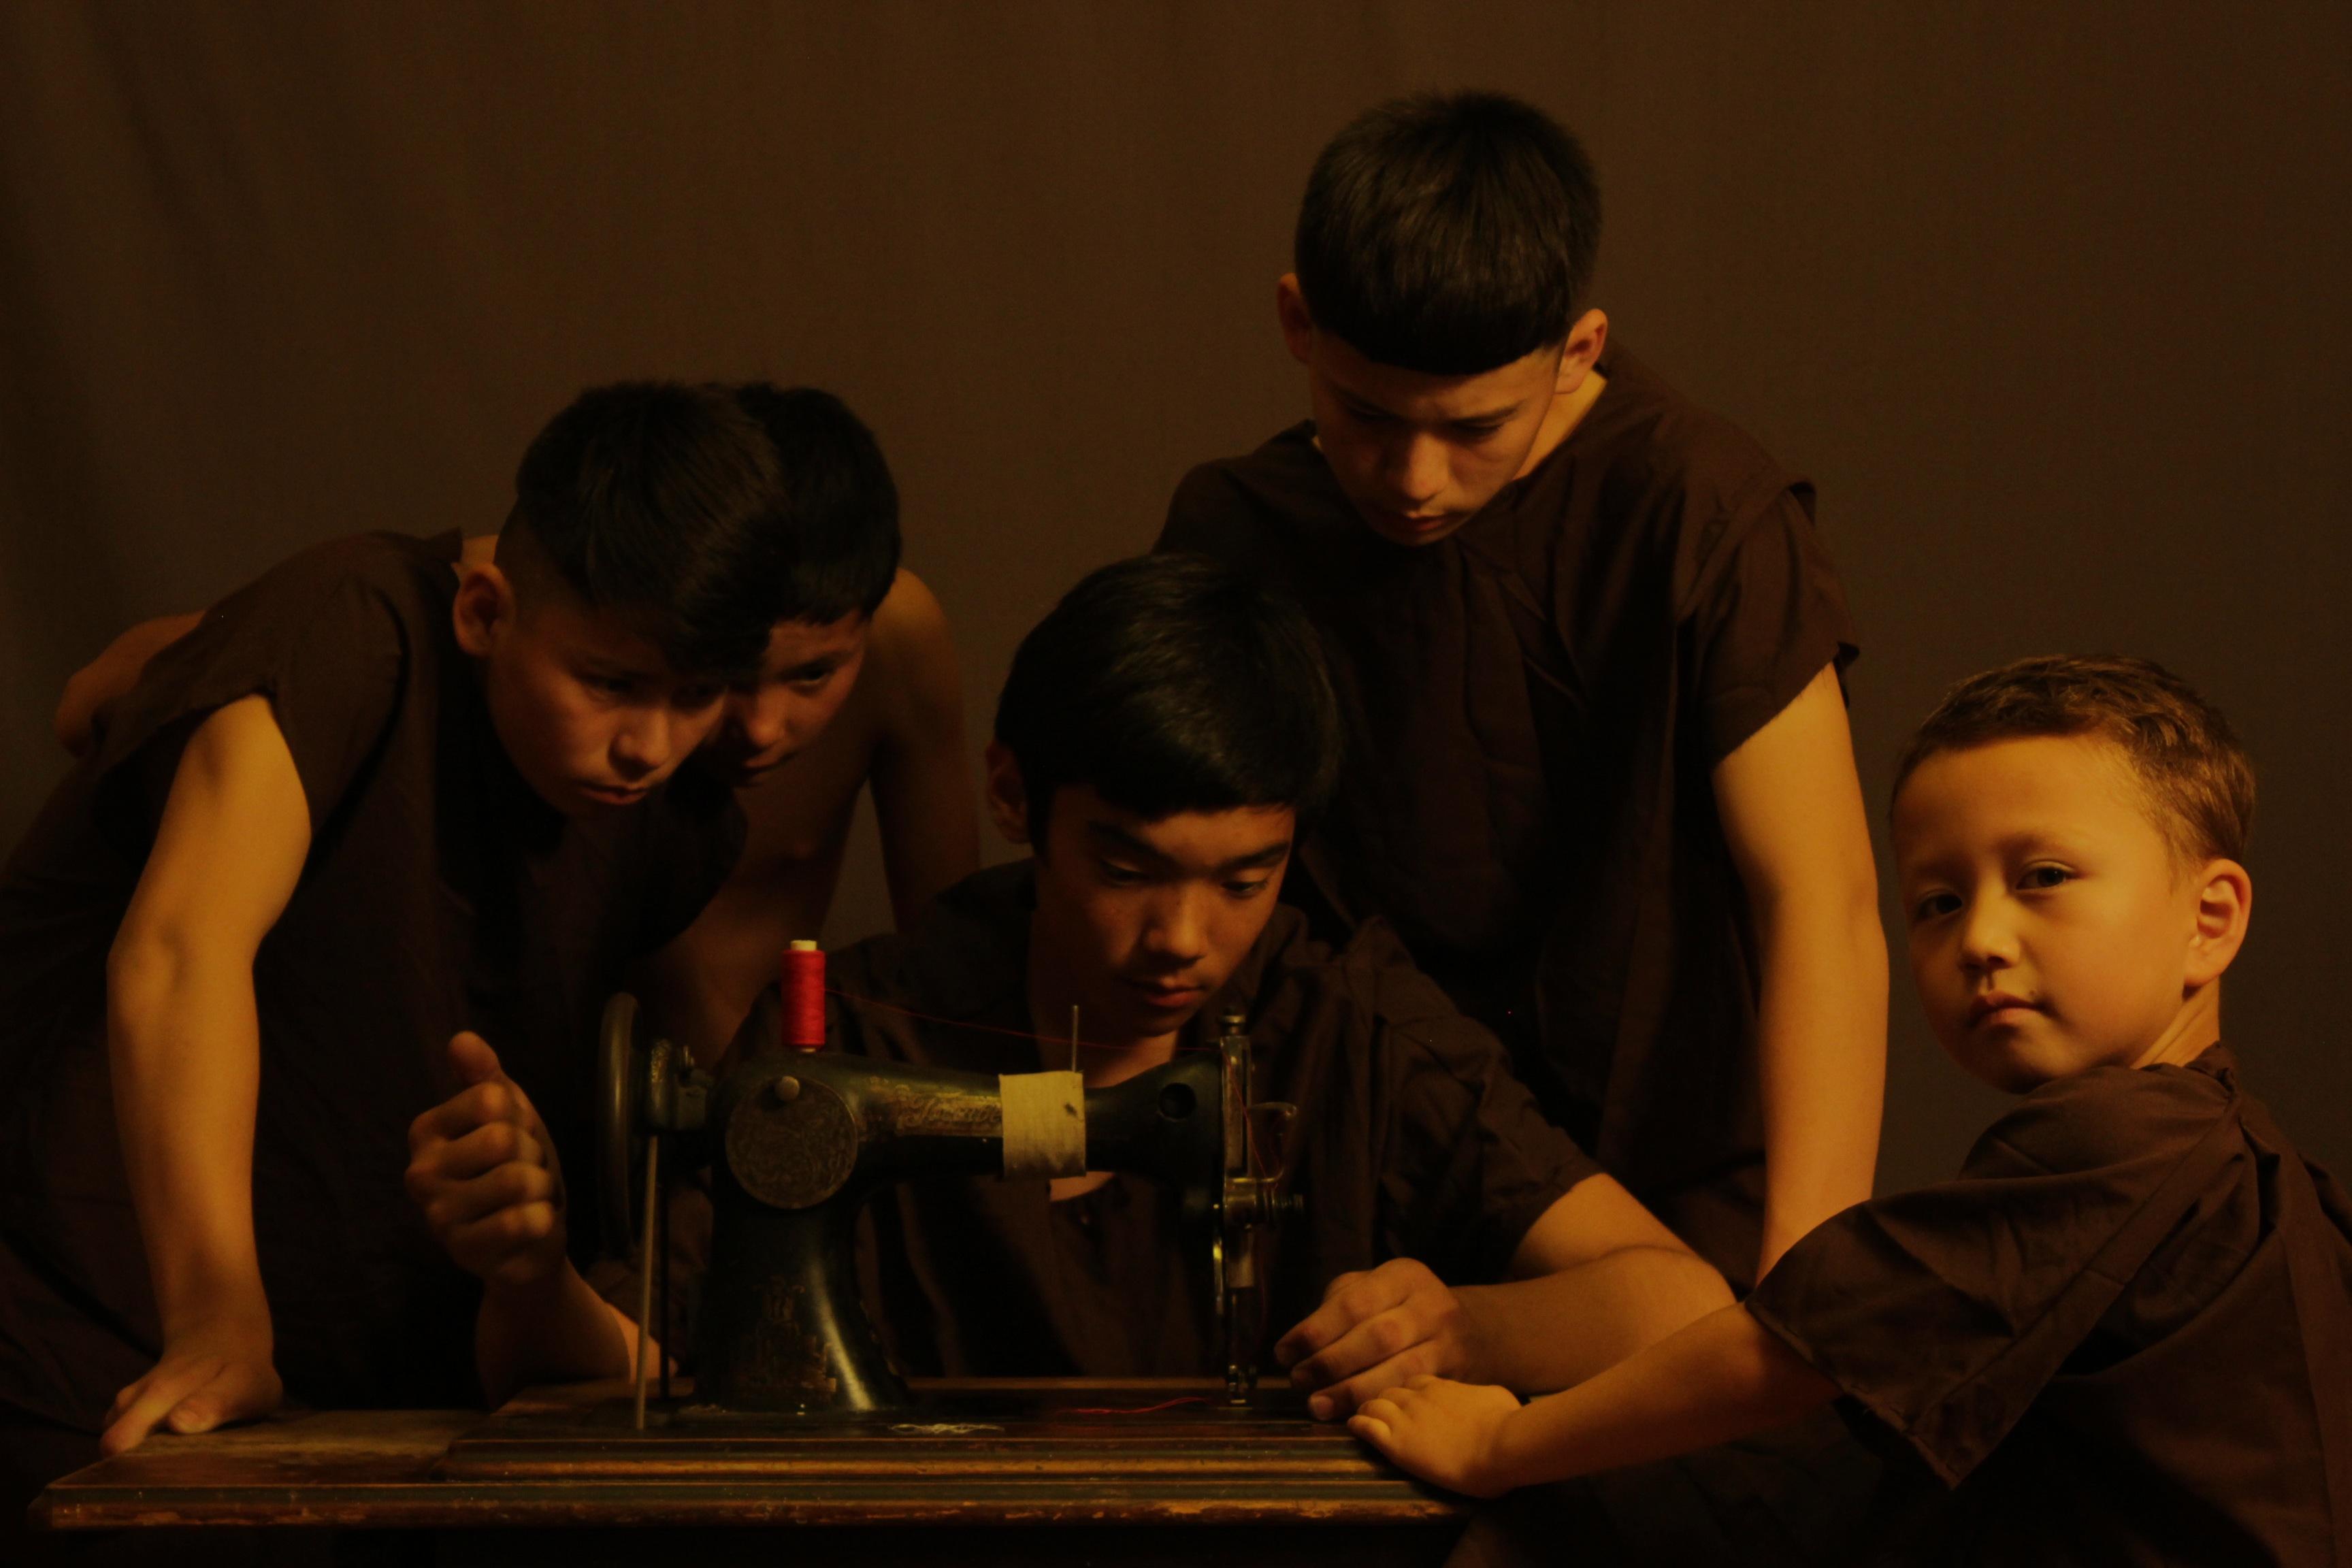 Фильм Эмира Байгазина вошёл в конкурсную программу Токийского кинофестиваля, Фильм, Эмир Байгазин, Токио, Кинофестиваль